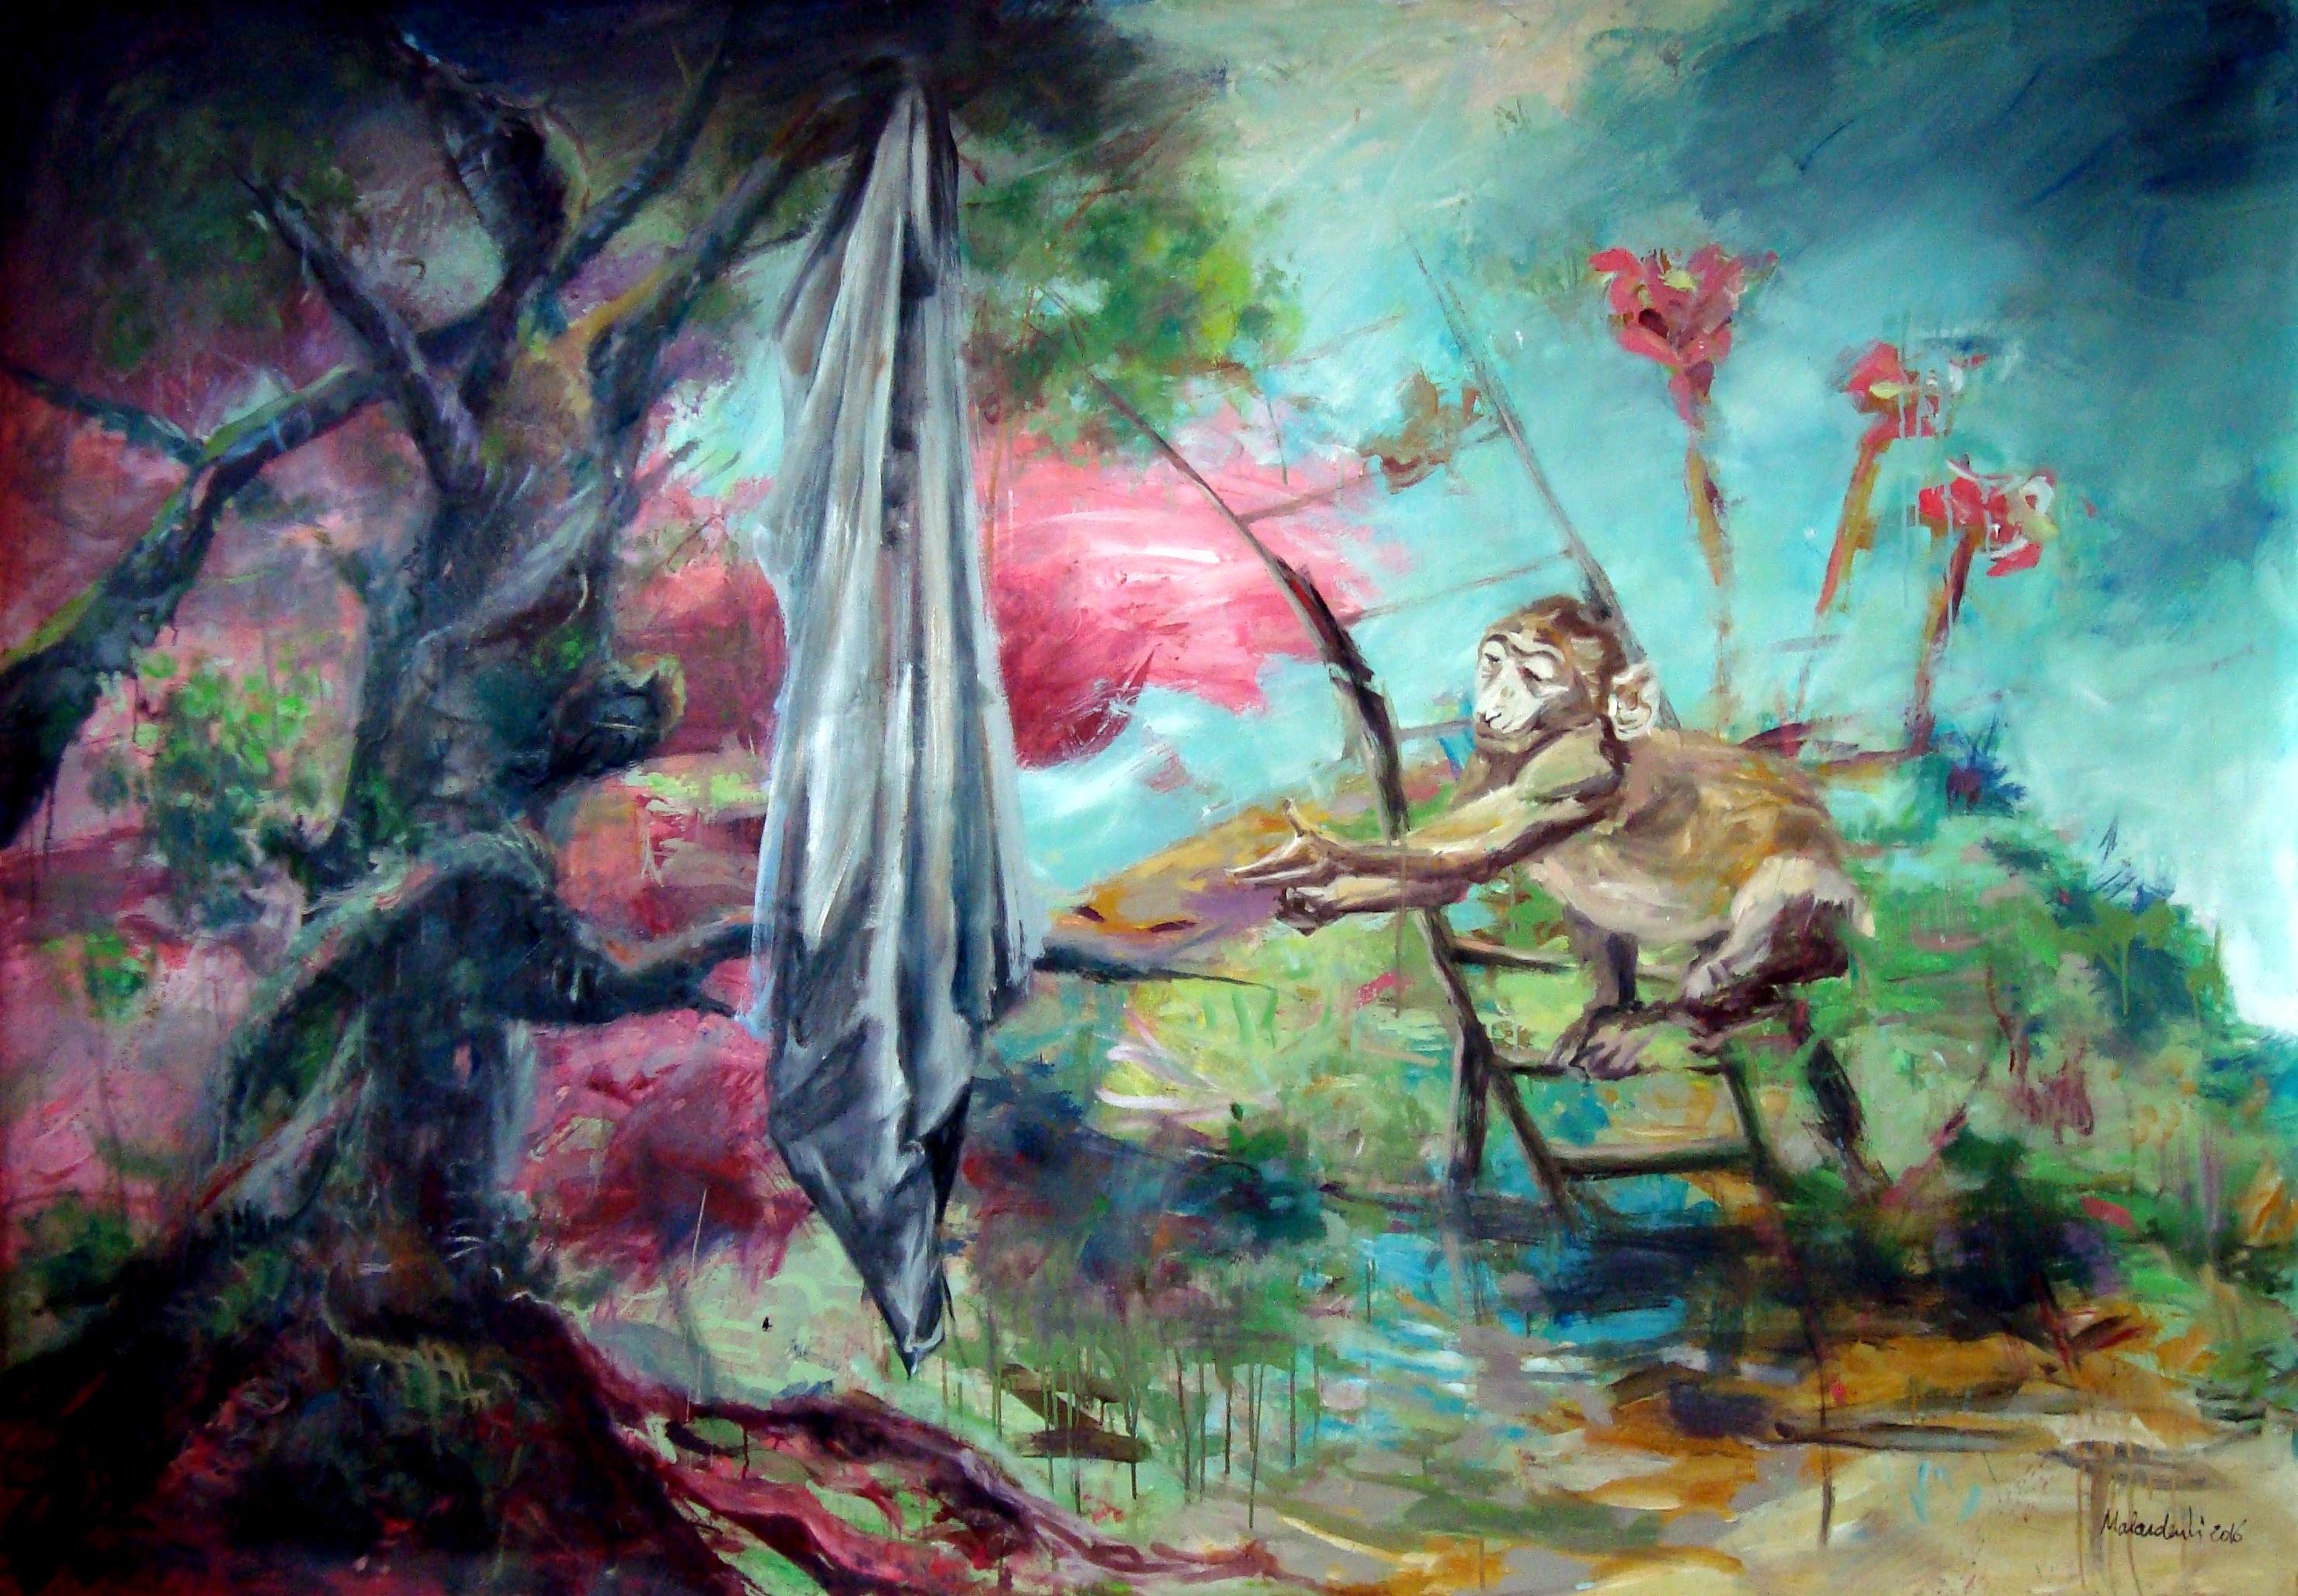 Horizons d'énigme-Oublié n°2, 2016, mixte sur toile, 195 x 130 cm